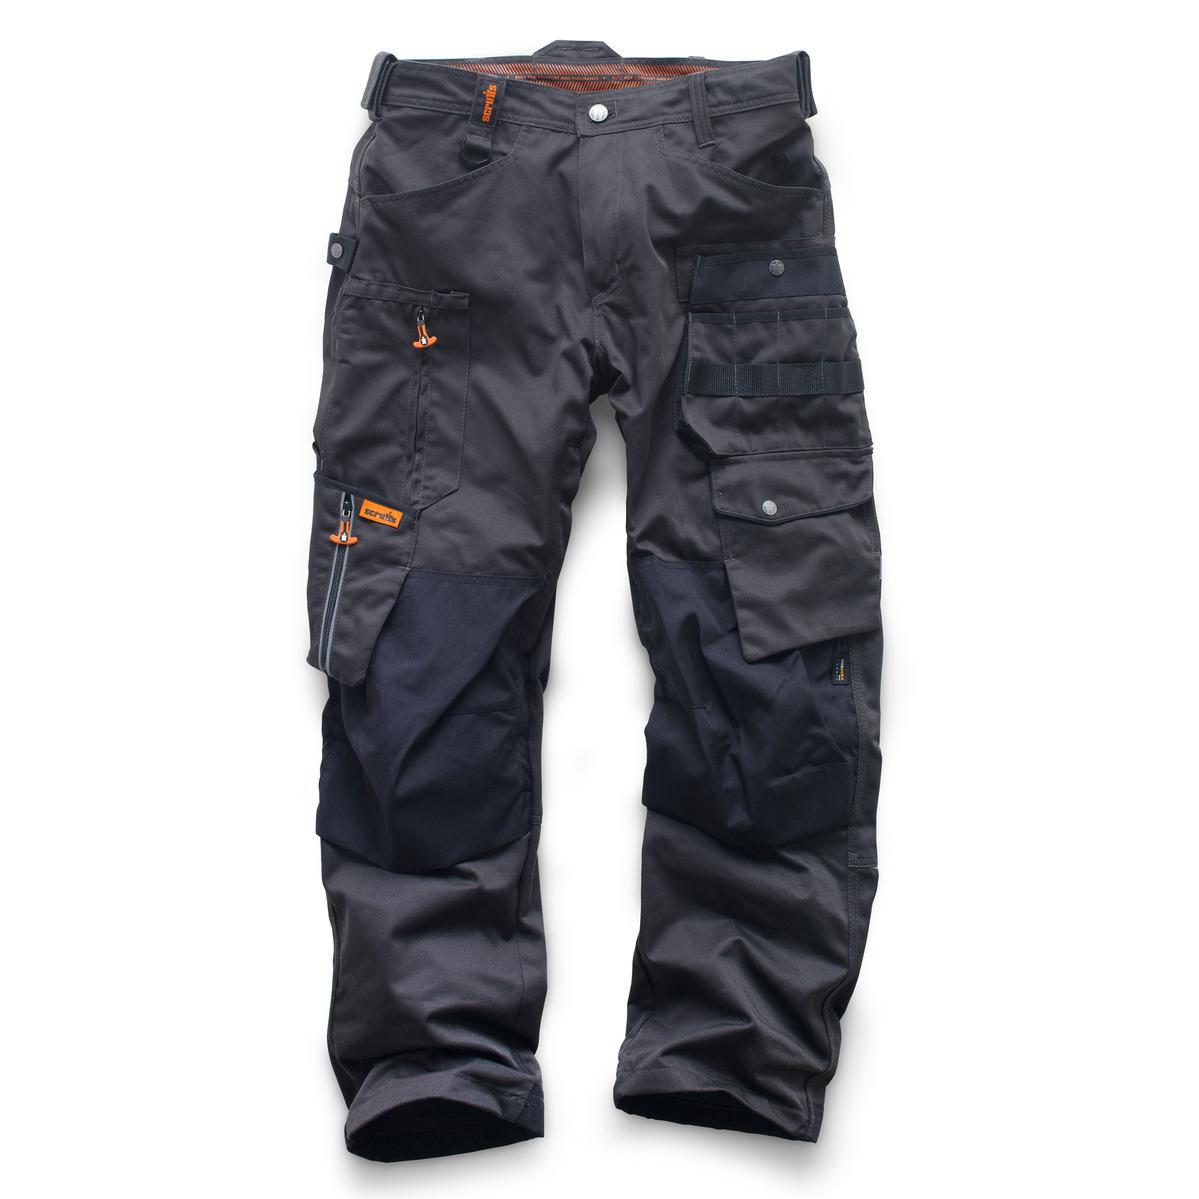 3D Pro Trousers